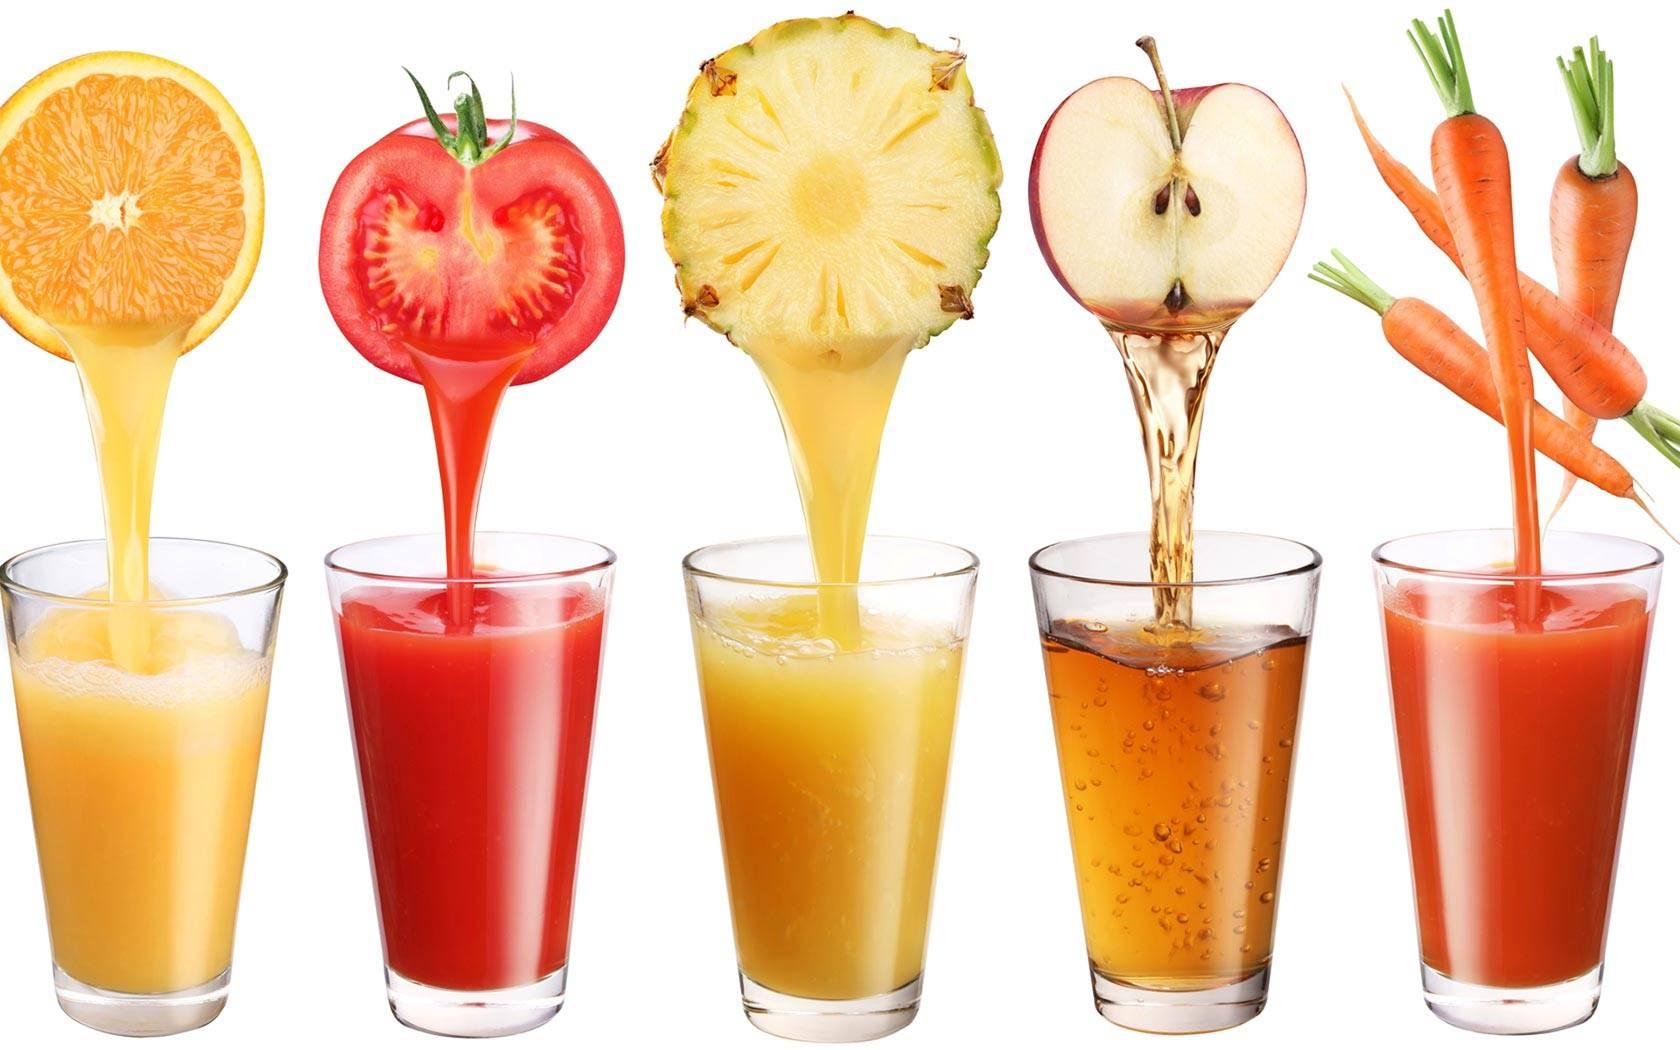 Аперитив - что это такое и как правильно выбрать спиртное, соки или коктейли